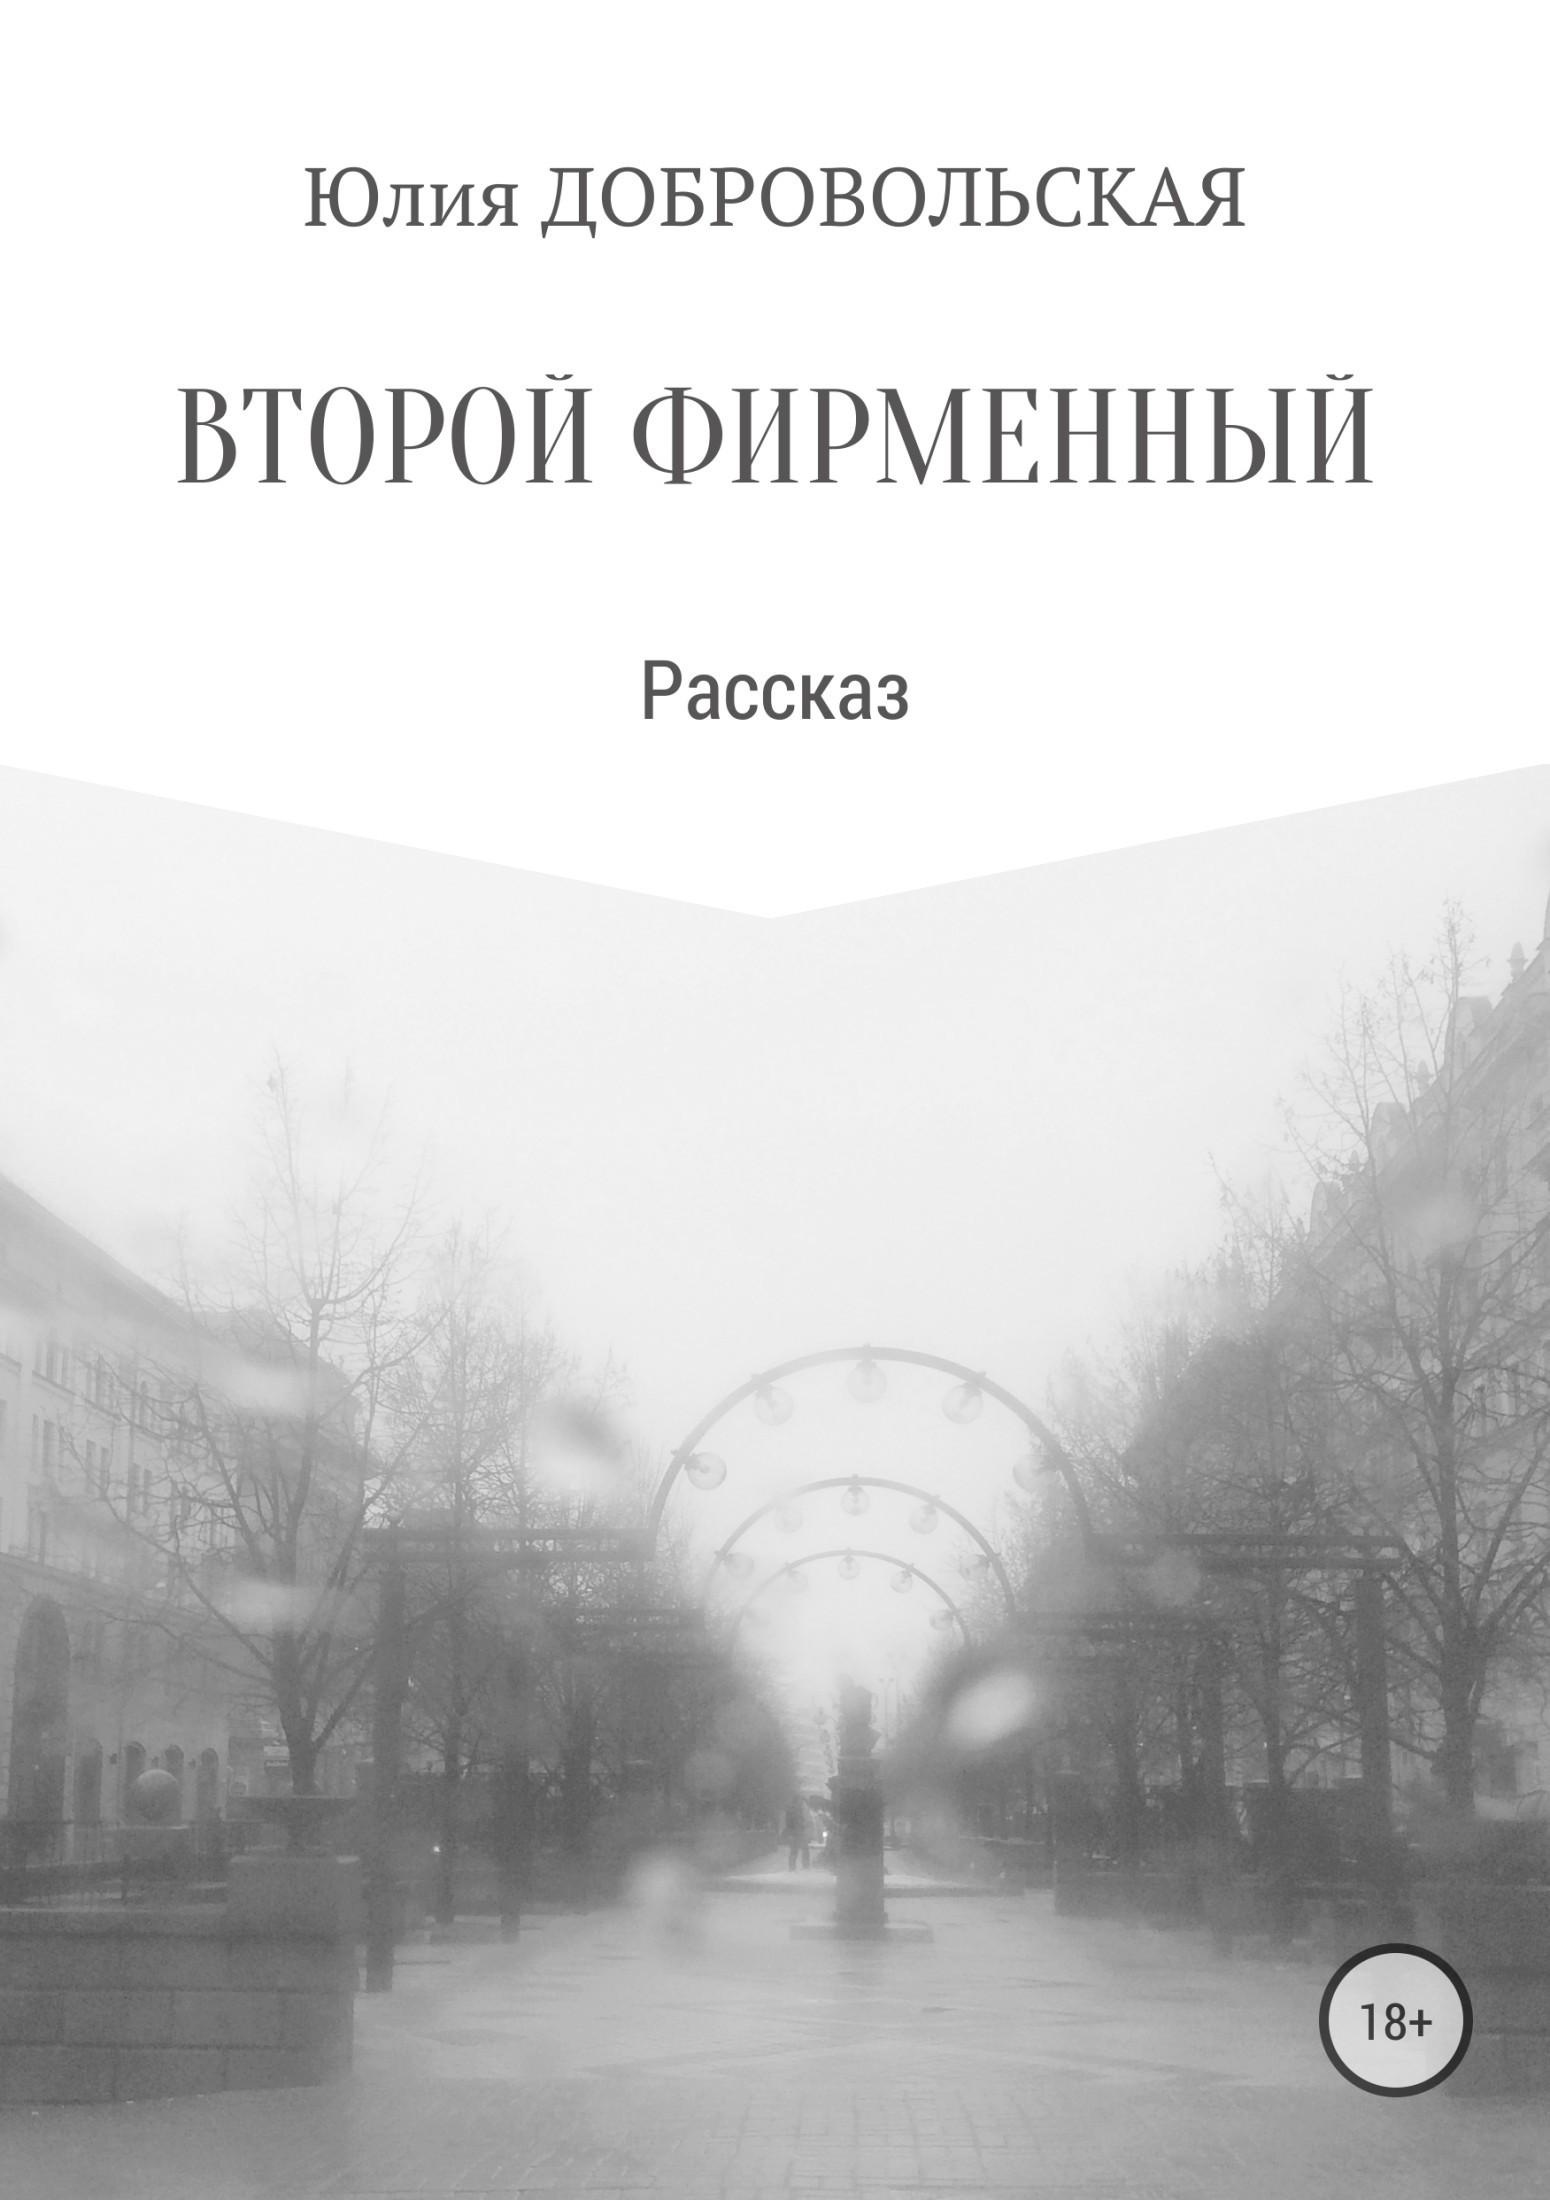 Второй фирменный_Юлия Добровольская